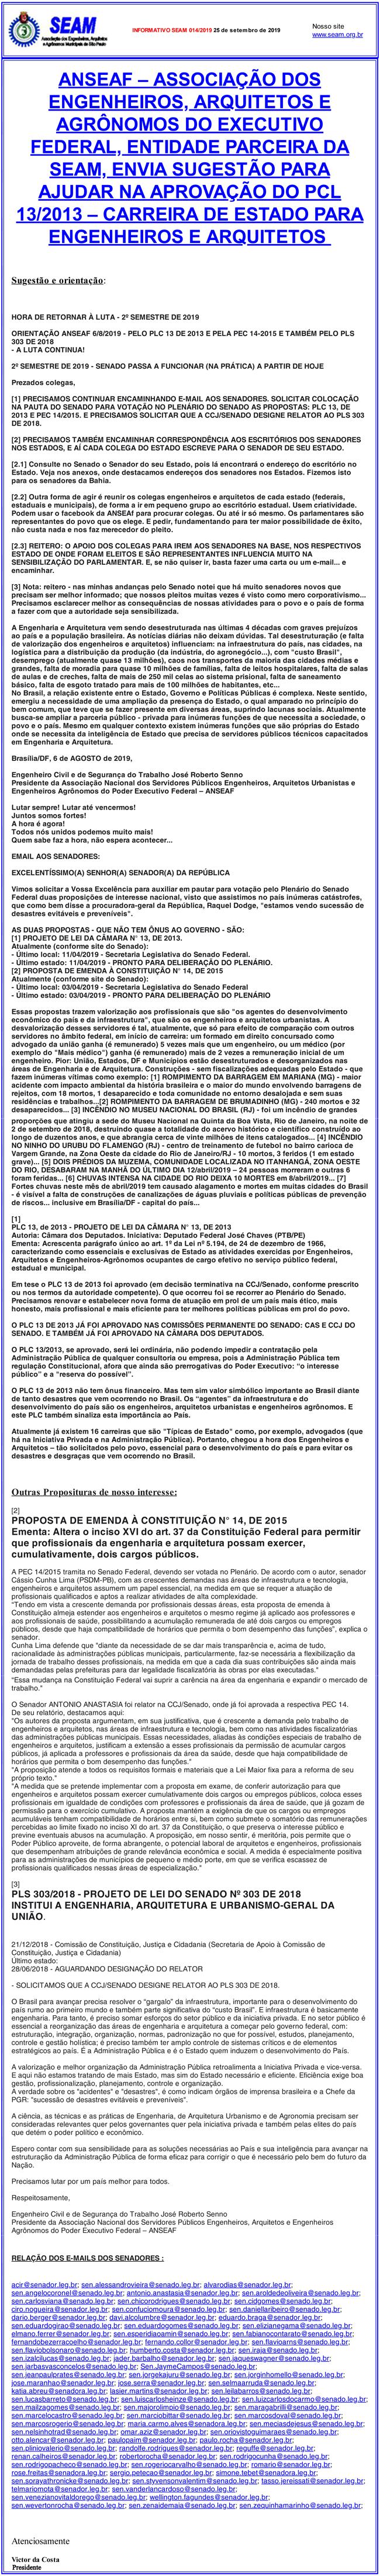 014 – ANSEAF – ASSOCIAÇÃO DOS ENGENHEIROS, ARQUITETOS E AGRÔNOMOS DO EXECUTIVO FEDERAL, ENTIDADE PARCEIRA DA SEAM, ENVIA SUGESTÃO PARA AJUDAR NA APROVAÇÃO DO PCL 13/2013 – CARREIRA DE ESTADO PARA ENGENHEIROS E ARQUITETOS